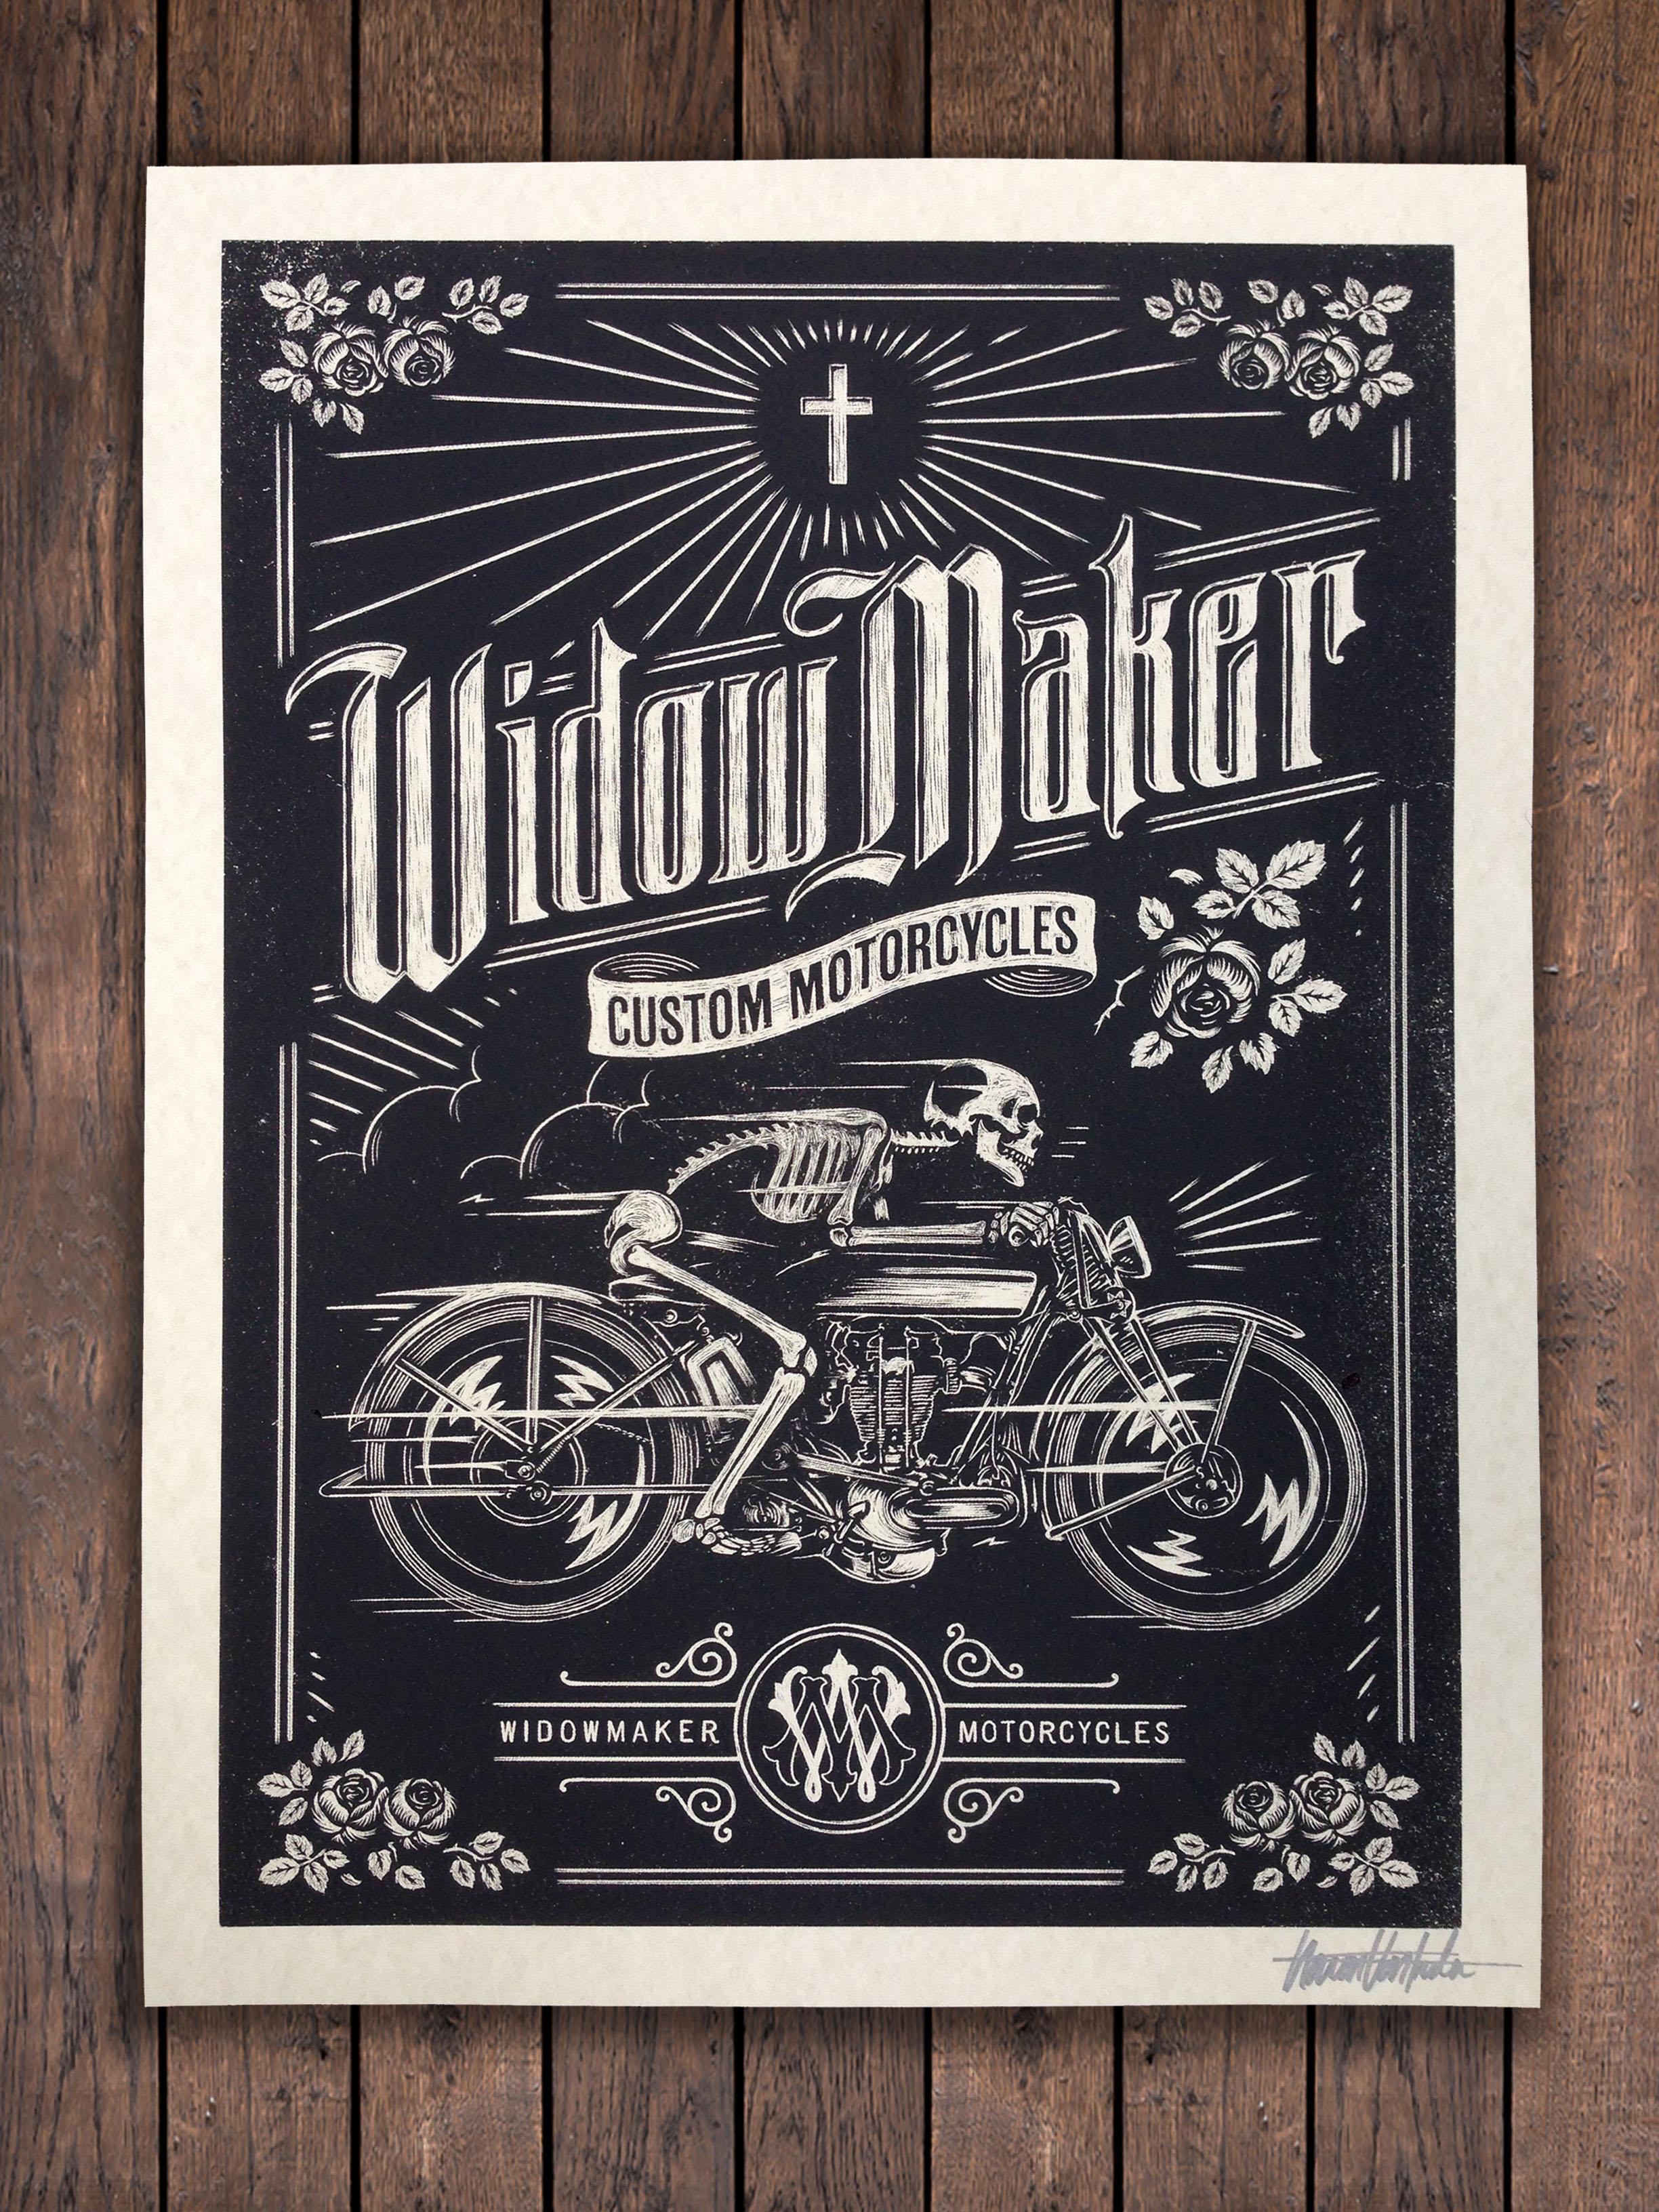 Poster design maker - Poster Design Maker 40